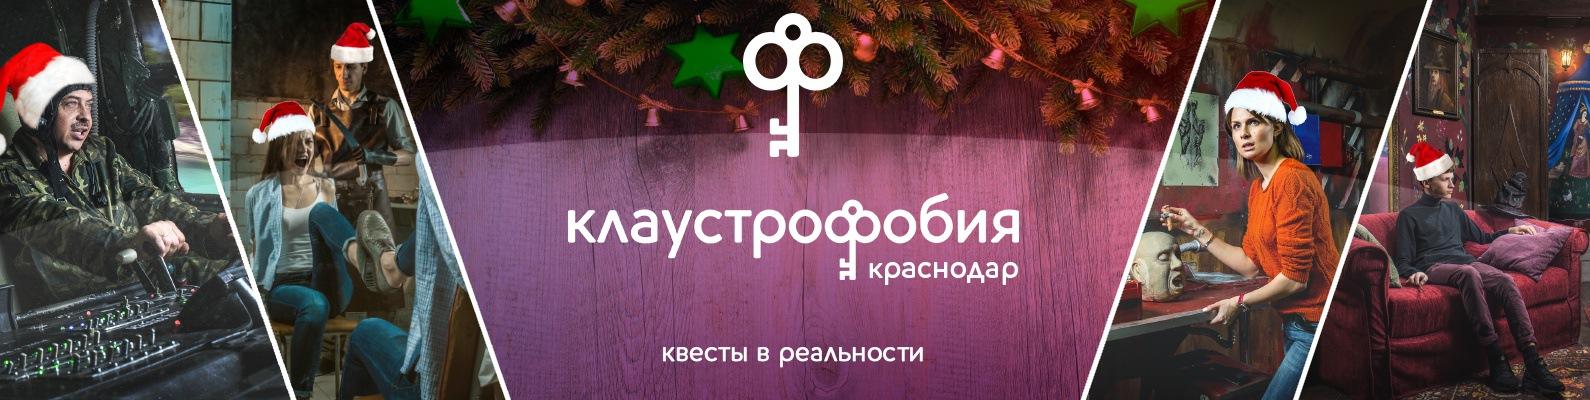 Клаустрофобия вконтакте